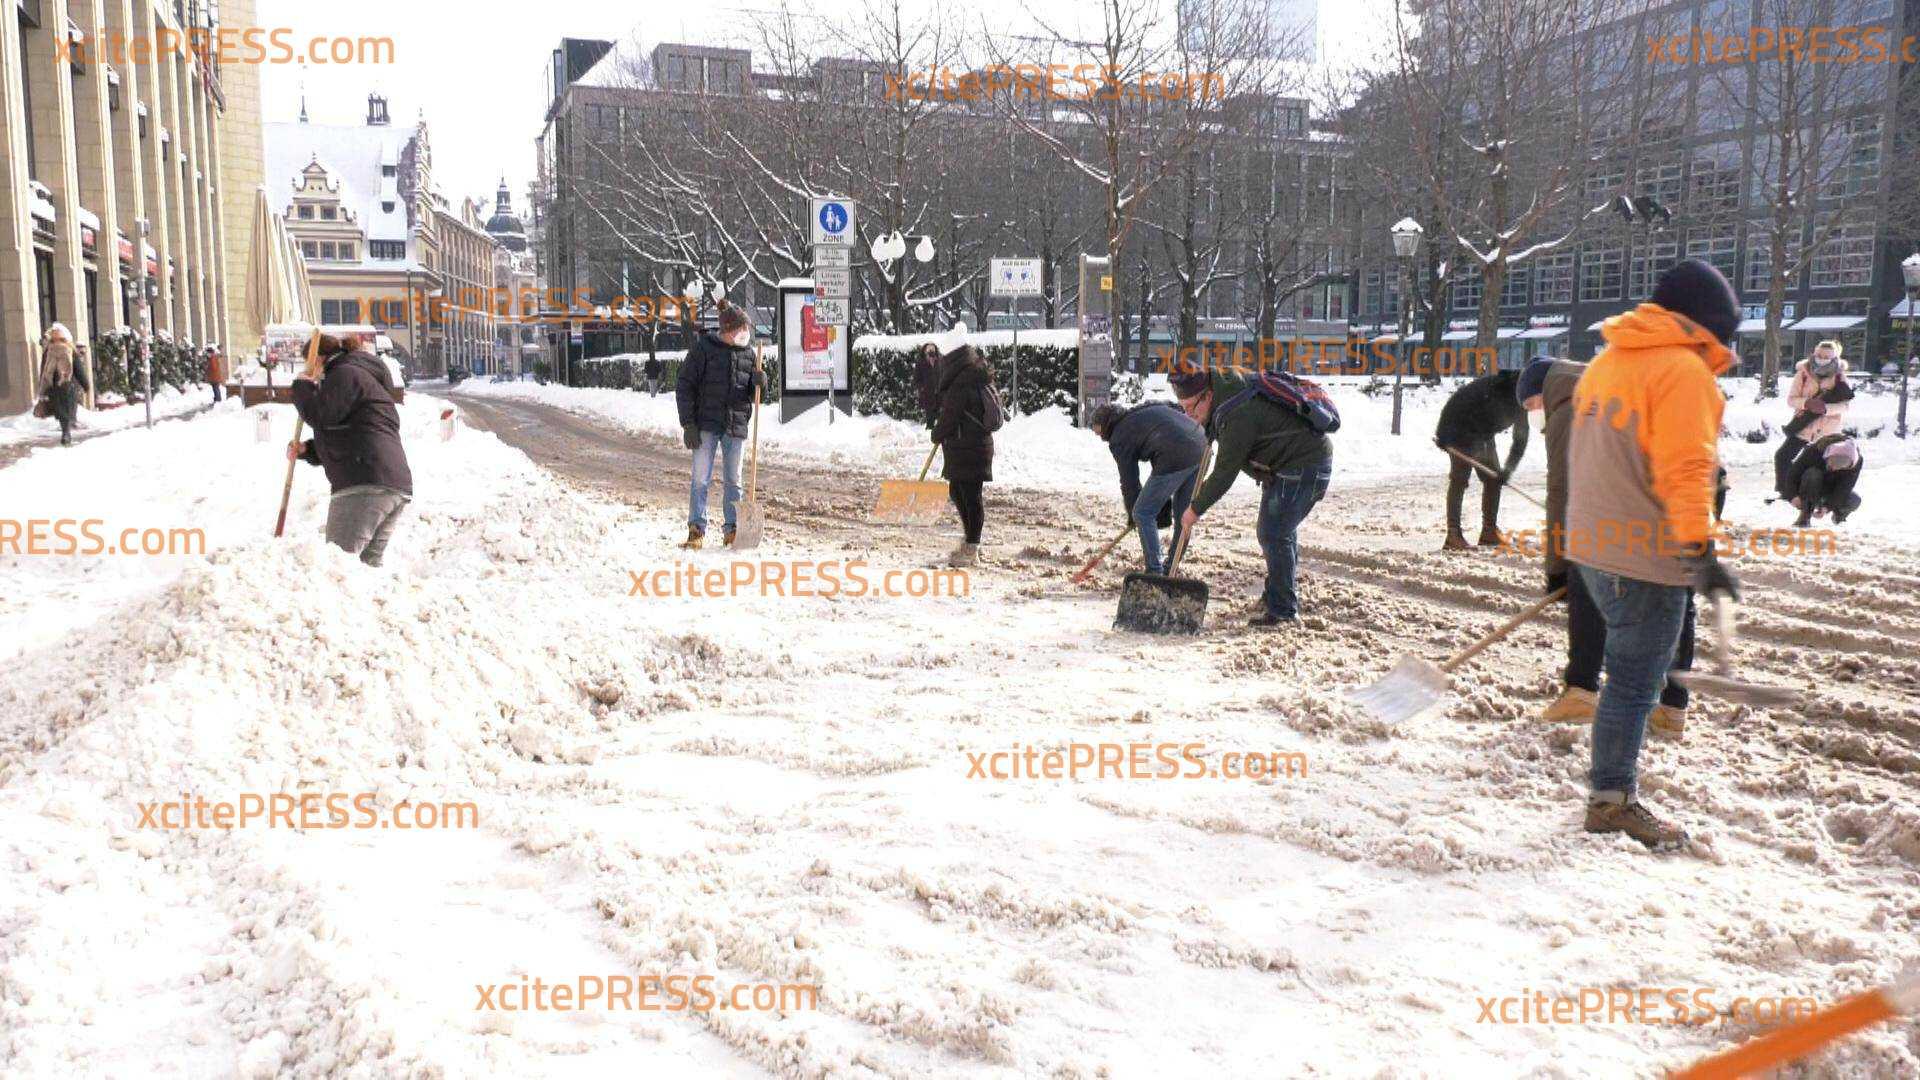 Leipziger Gastronomen helfen beim Schneeschaufeln: Aus Not Tugend gemacht - freiwillige Aktion im Lockdown durch